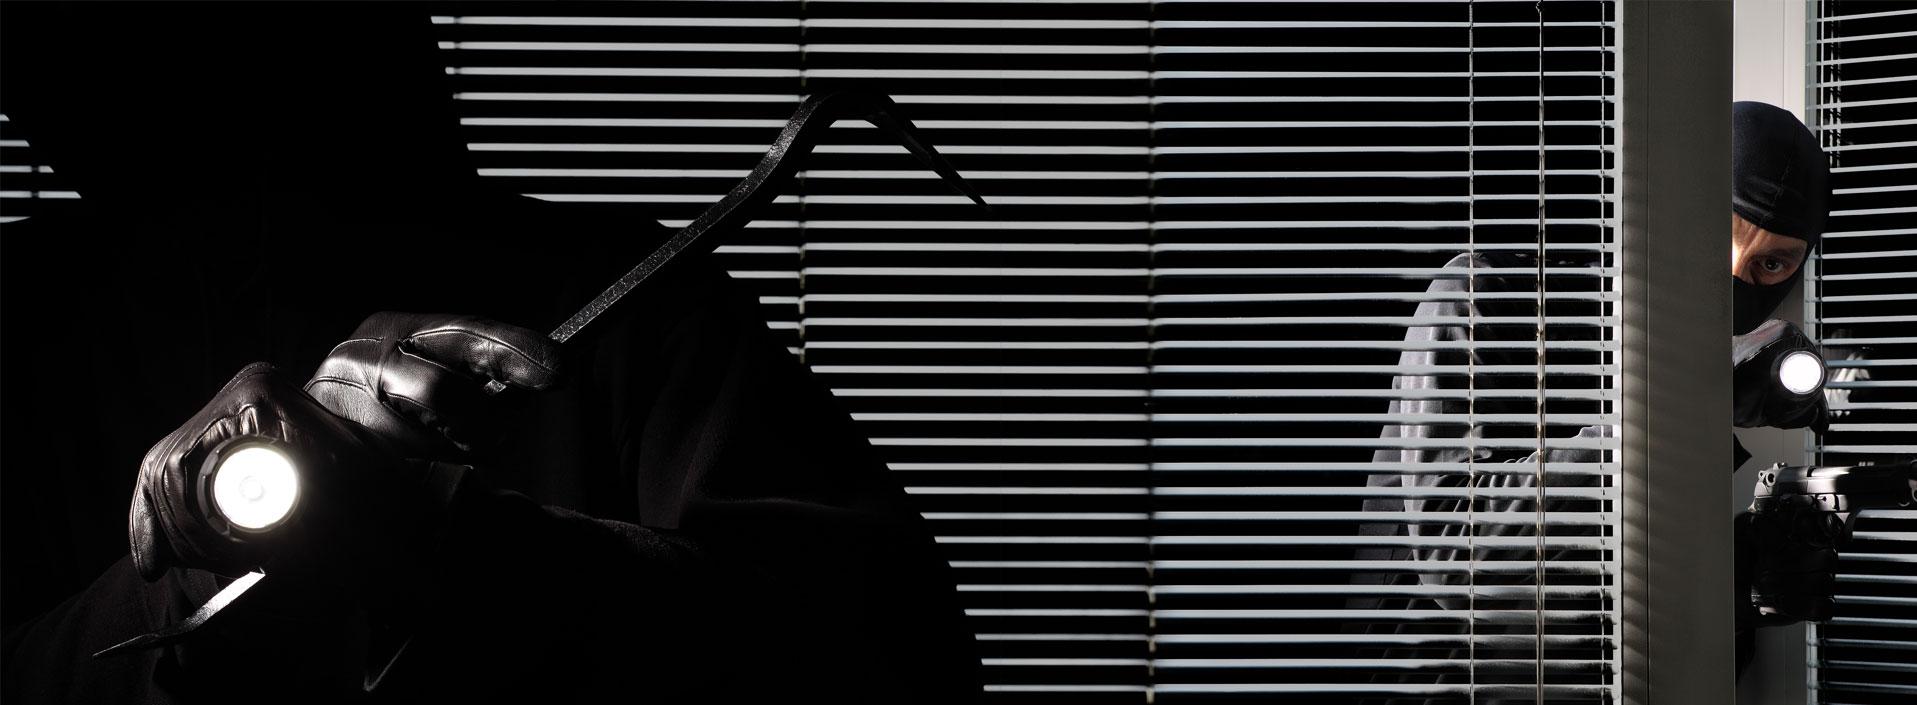 Beveilig uw Bedrijf. Ontvang meerdere offertes voor bewaking en beveiligingsystemen